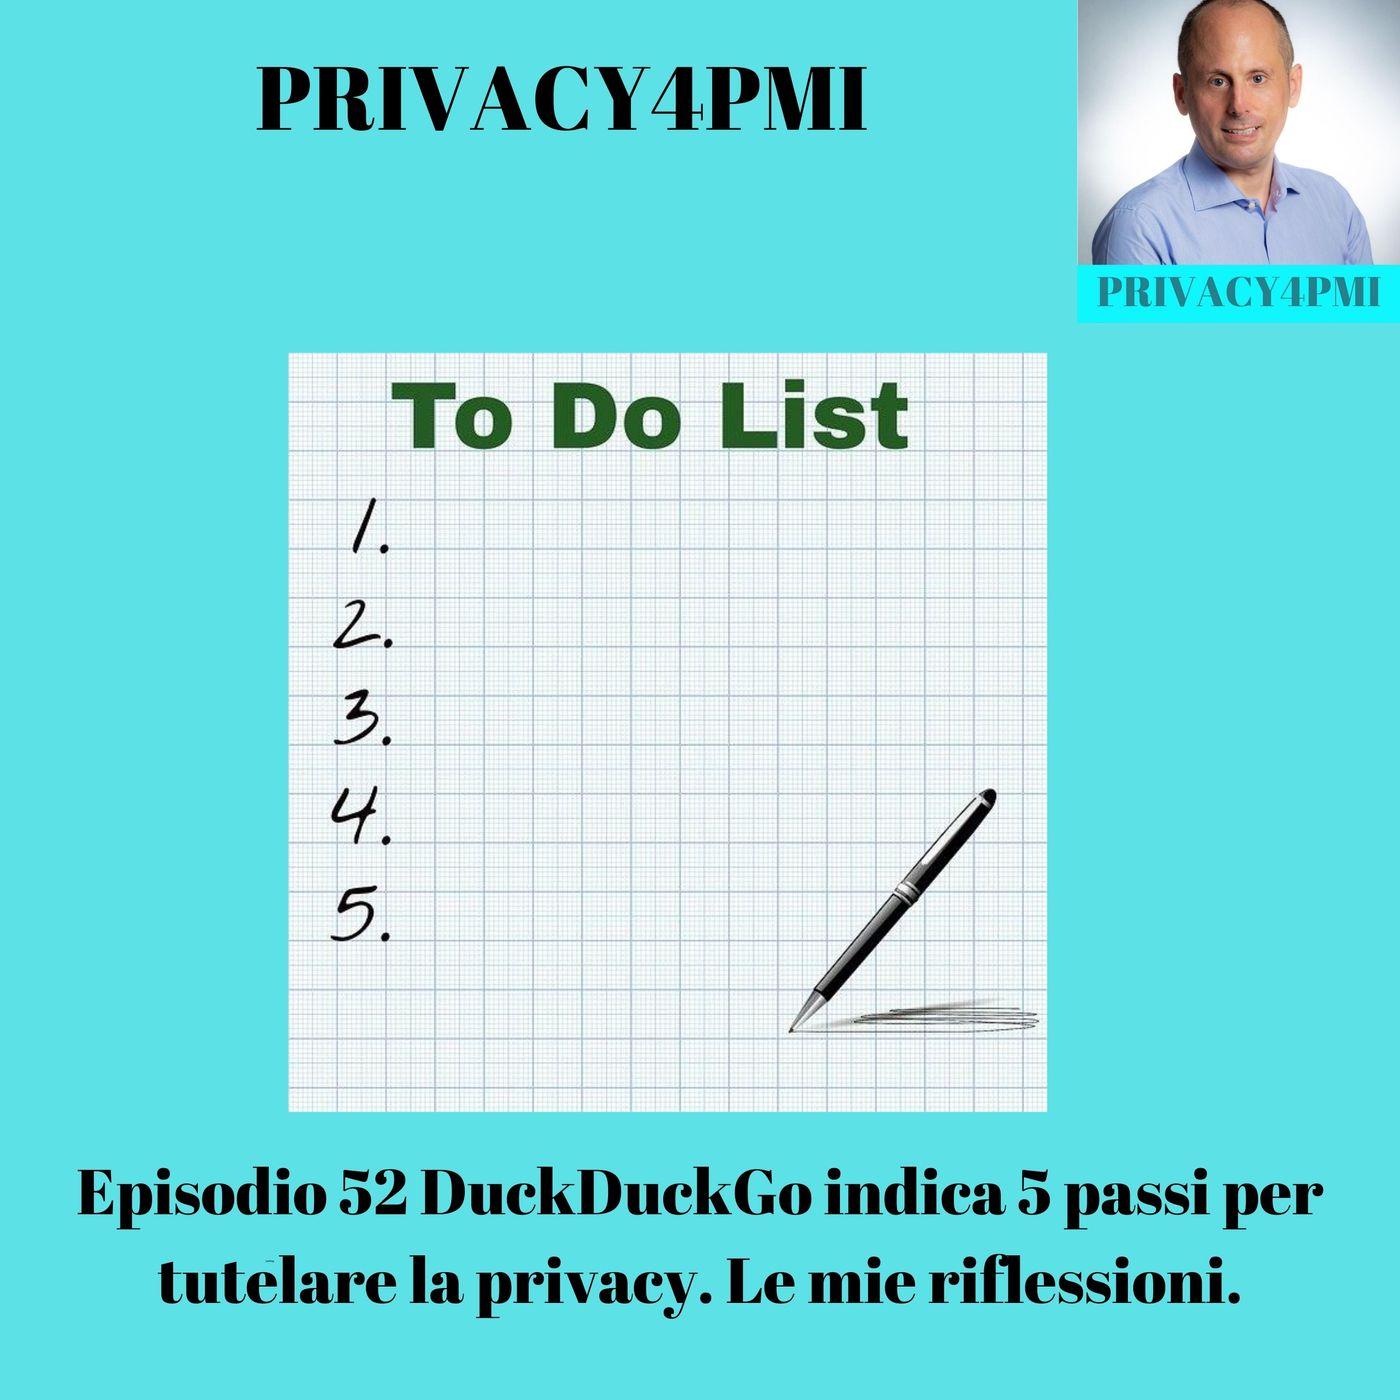 Episodio 52 DuckDuckGo indica 5 passi per tutelare la privacy. Le mie riflessioni.